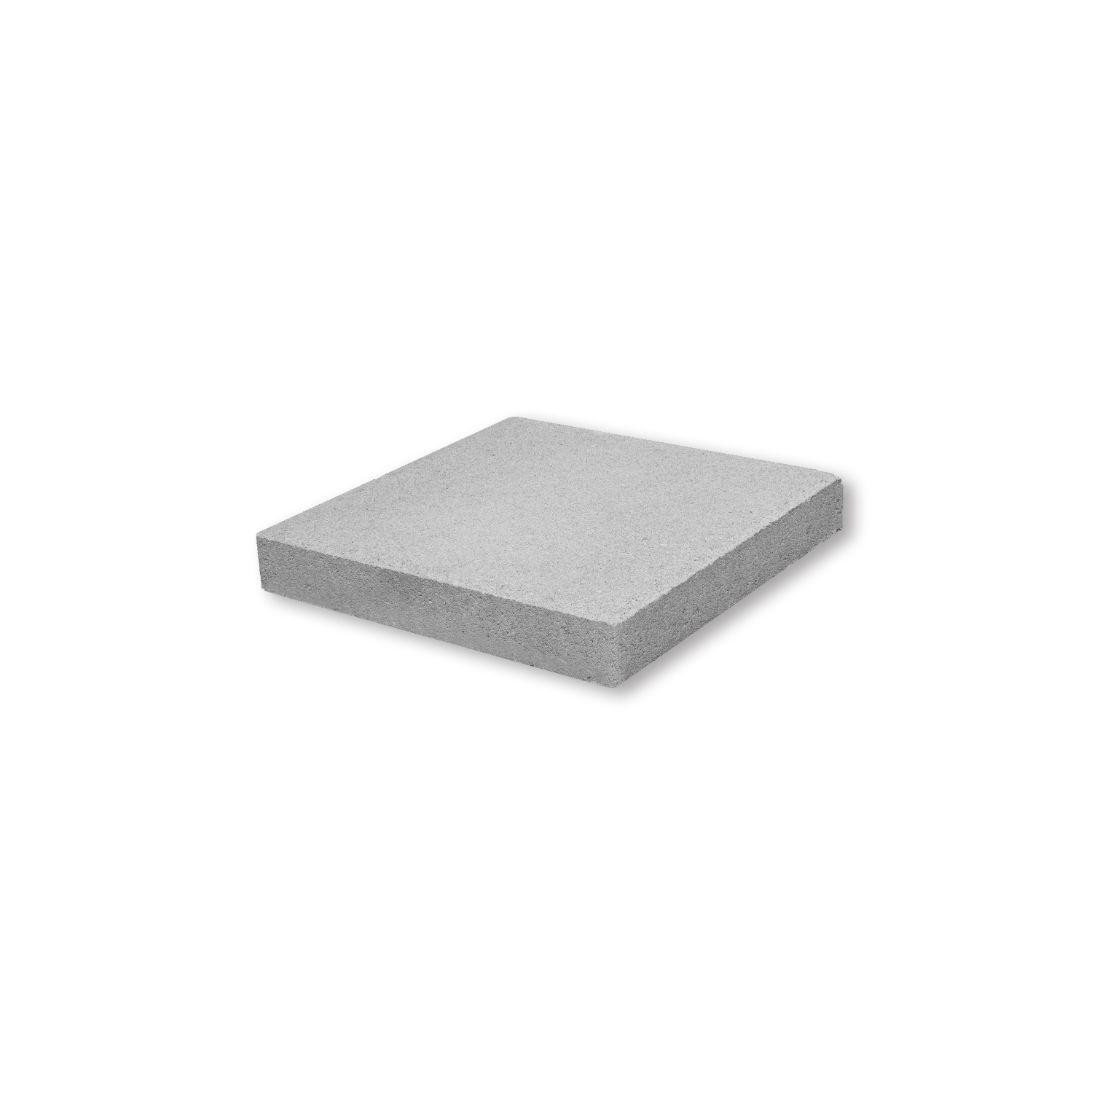 Courtyard Concrete Paver 270 x 270 x 40mm Ash